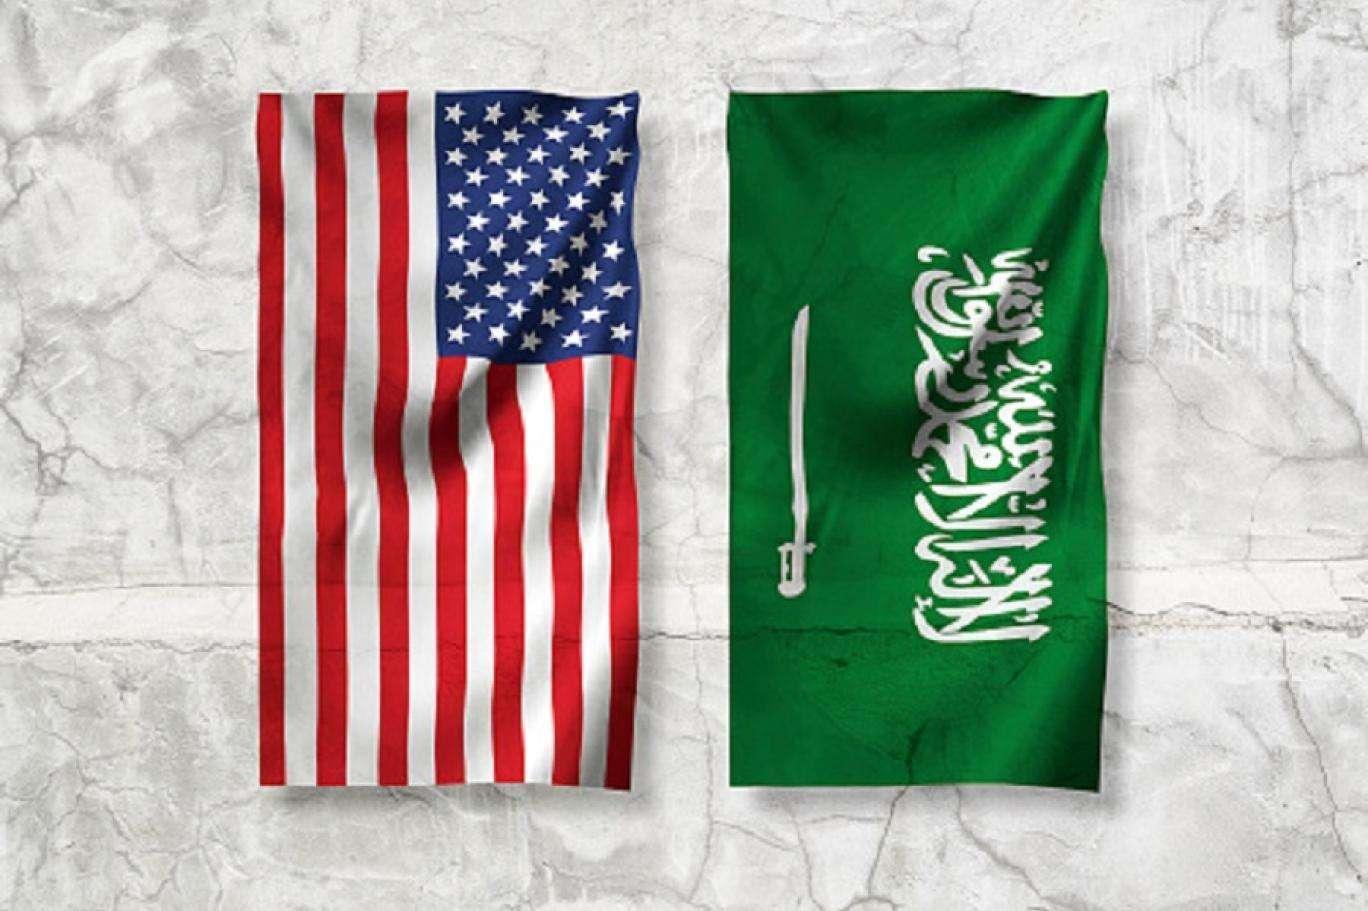 مسرح 11 أيلول, صحيفة عربية -بروفايل نيوز